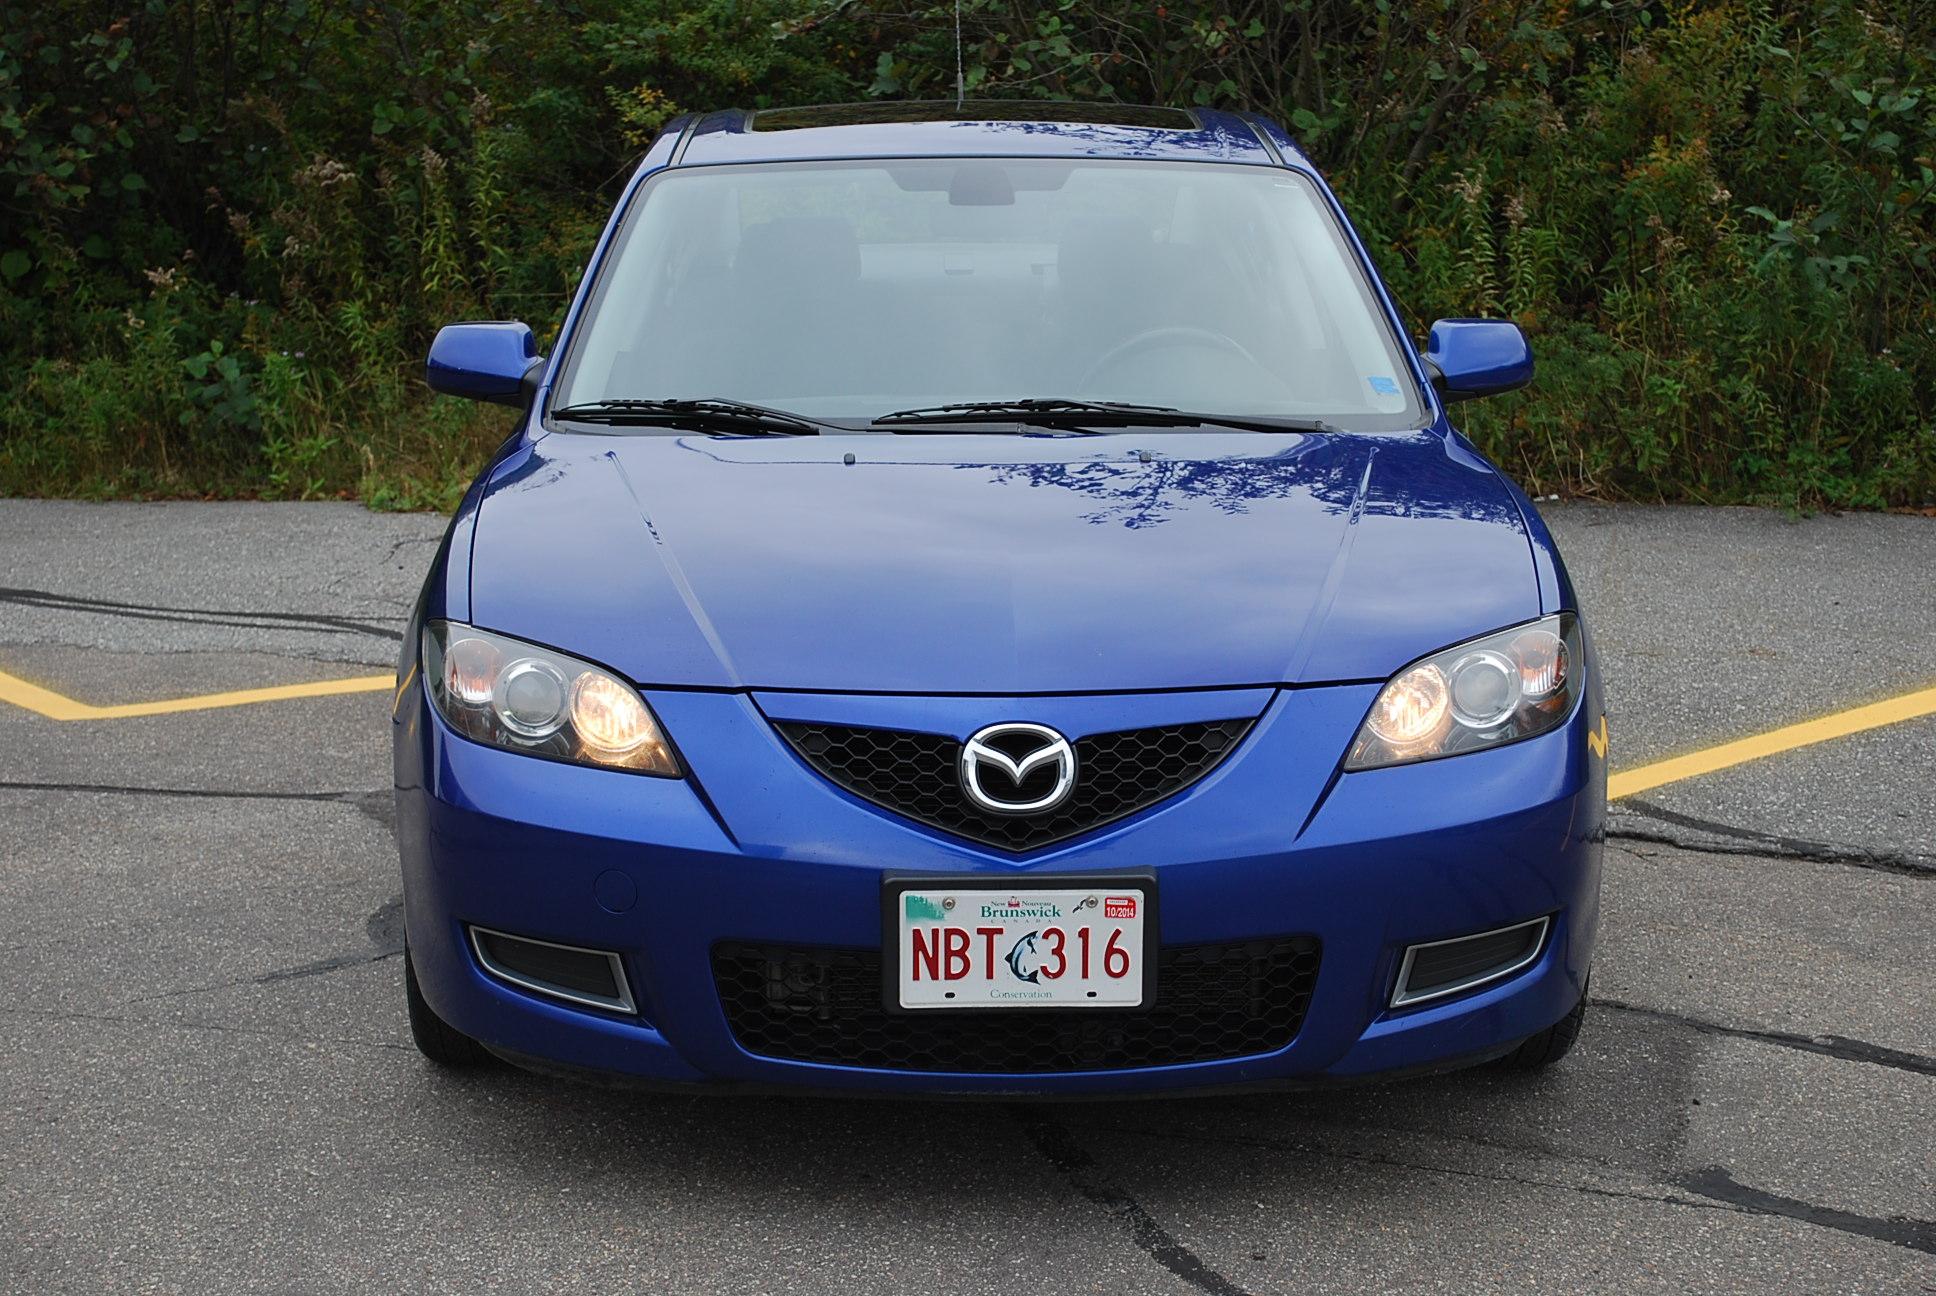 Used 2009 Mazda 3 Gs Sedan For Sale In Saint John Nb